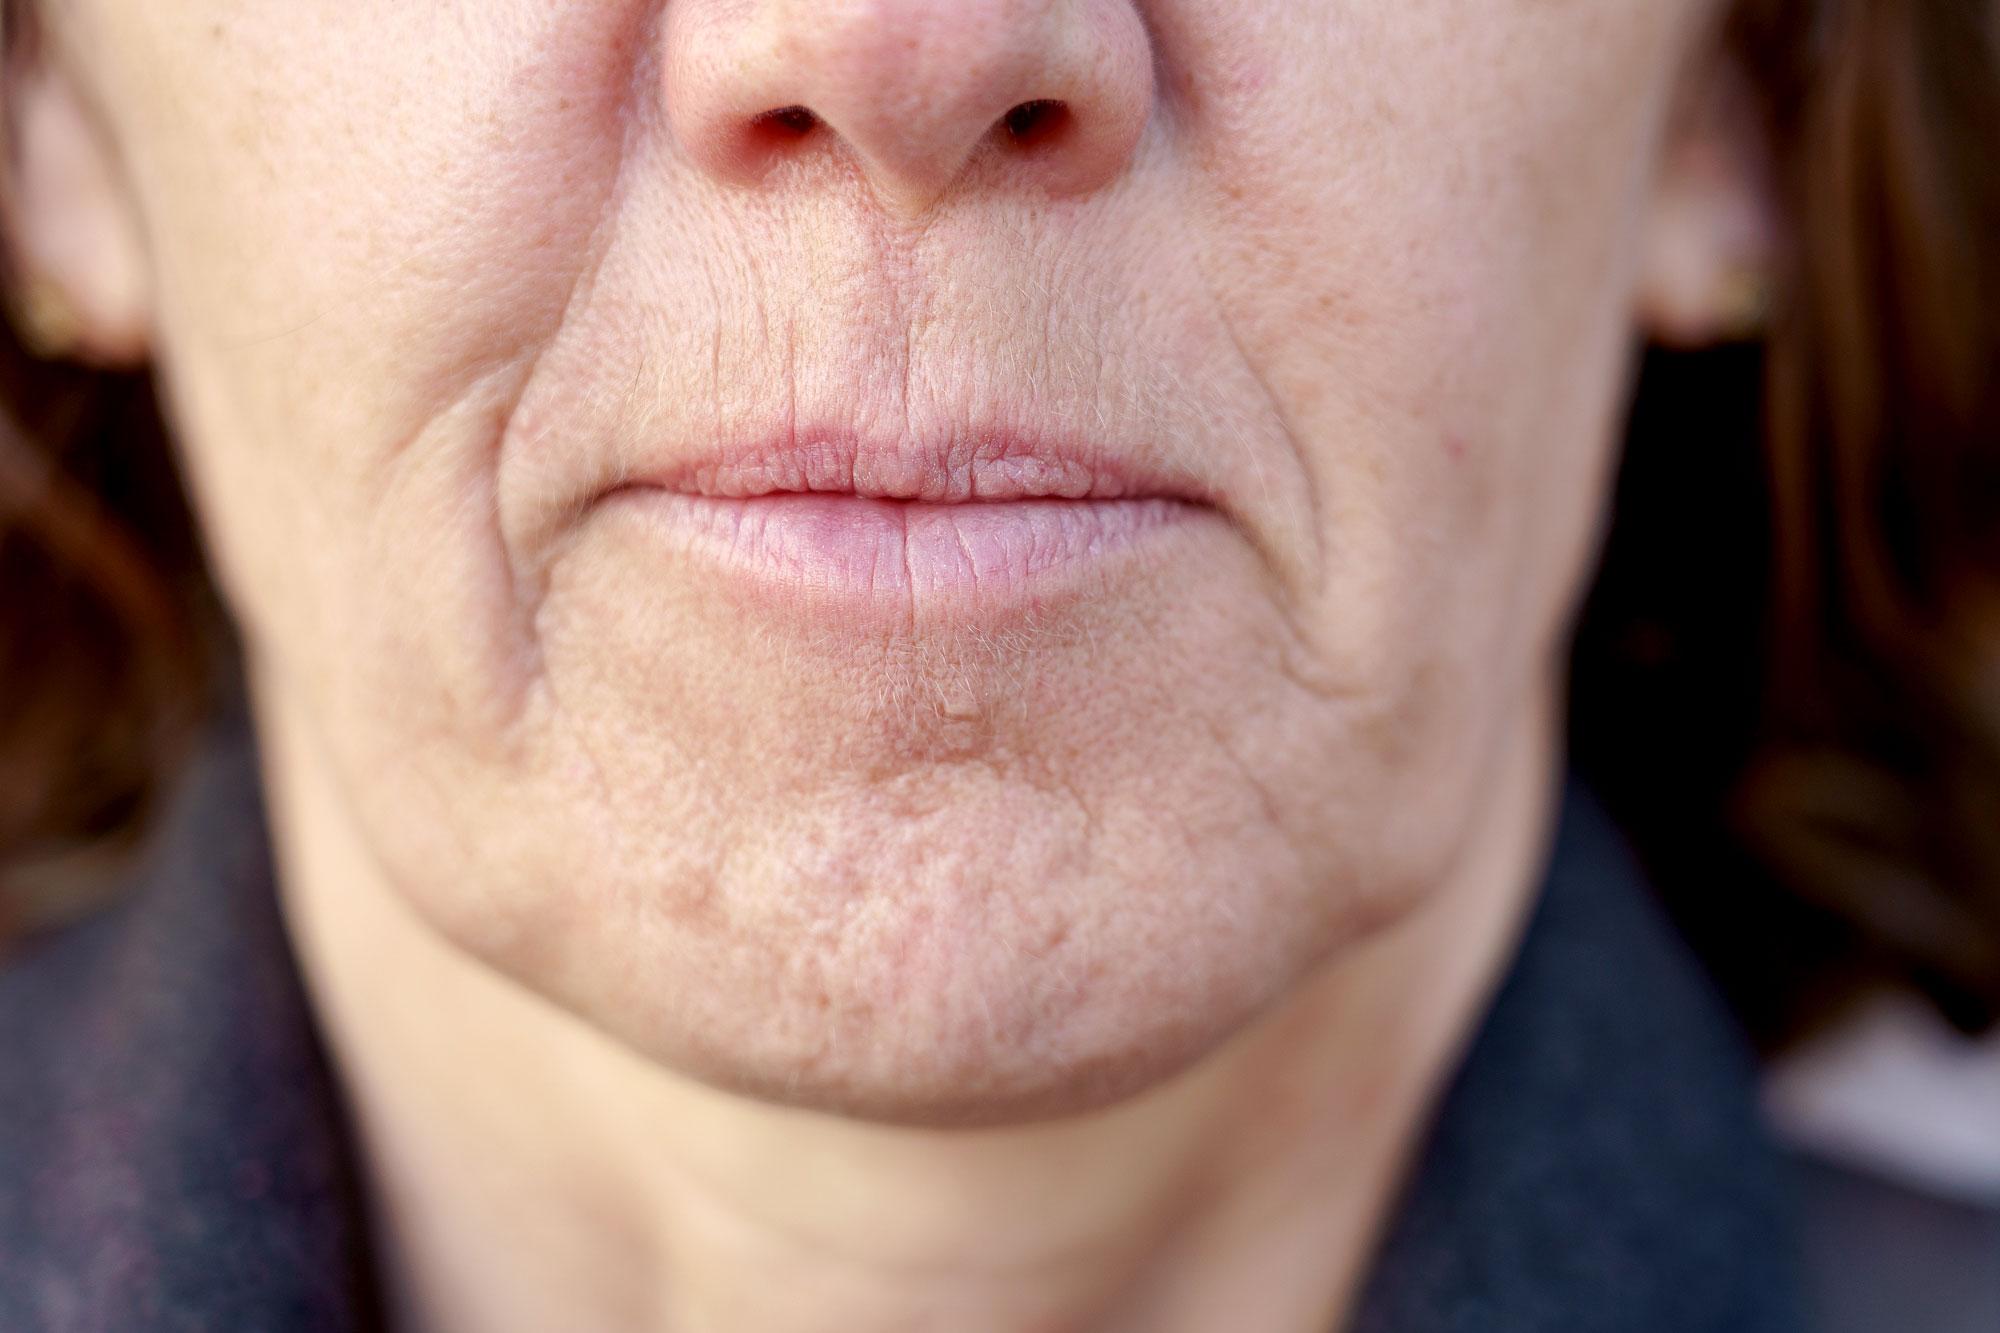 ändra munvinkel med munvinkelskirurgi